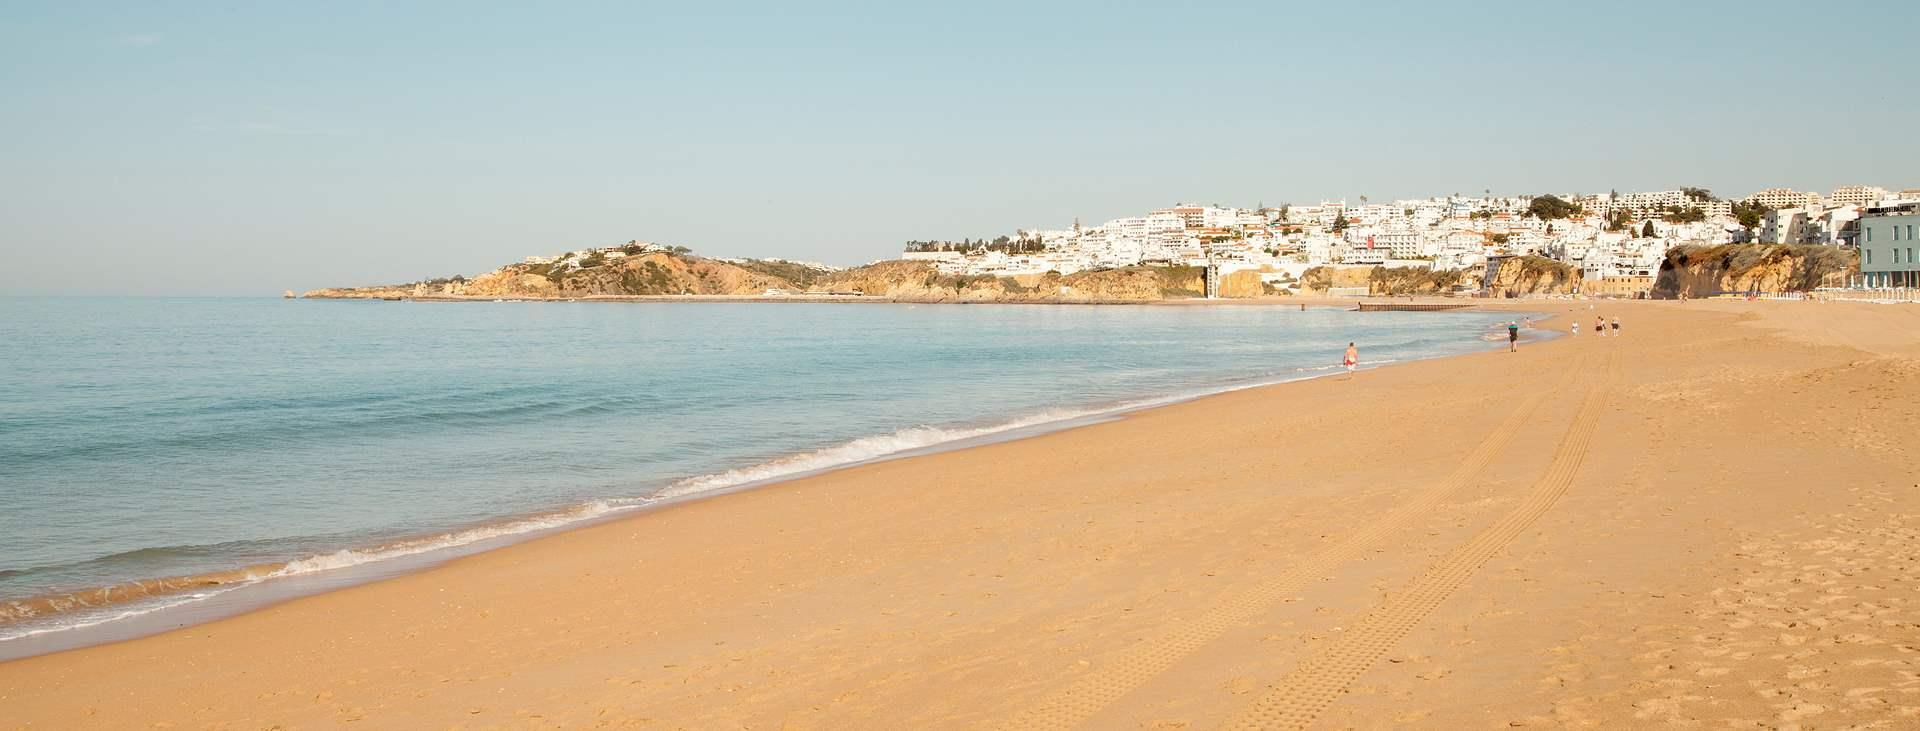 Boka din resa till Albufeira på Algarvekusten med Ving